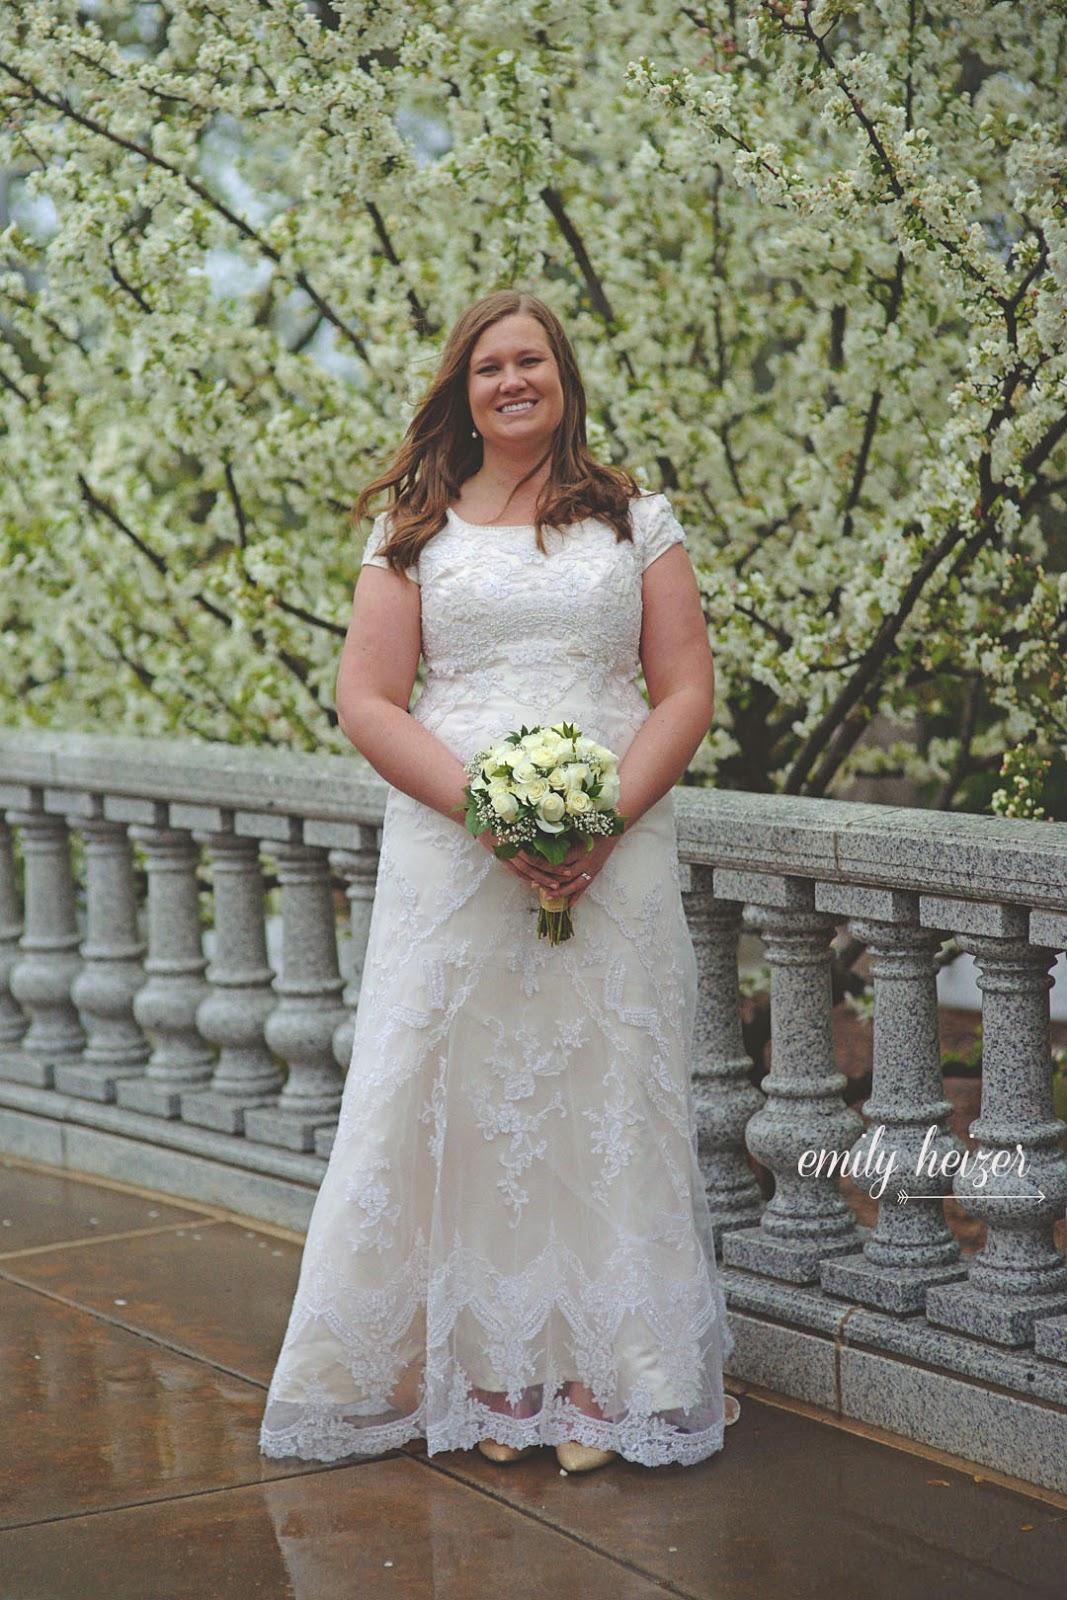 Sacramento Wedding Dress 7 Trend Images by Emily Heizer